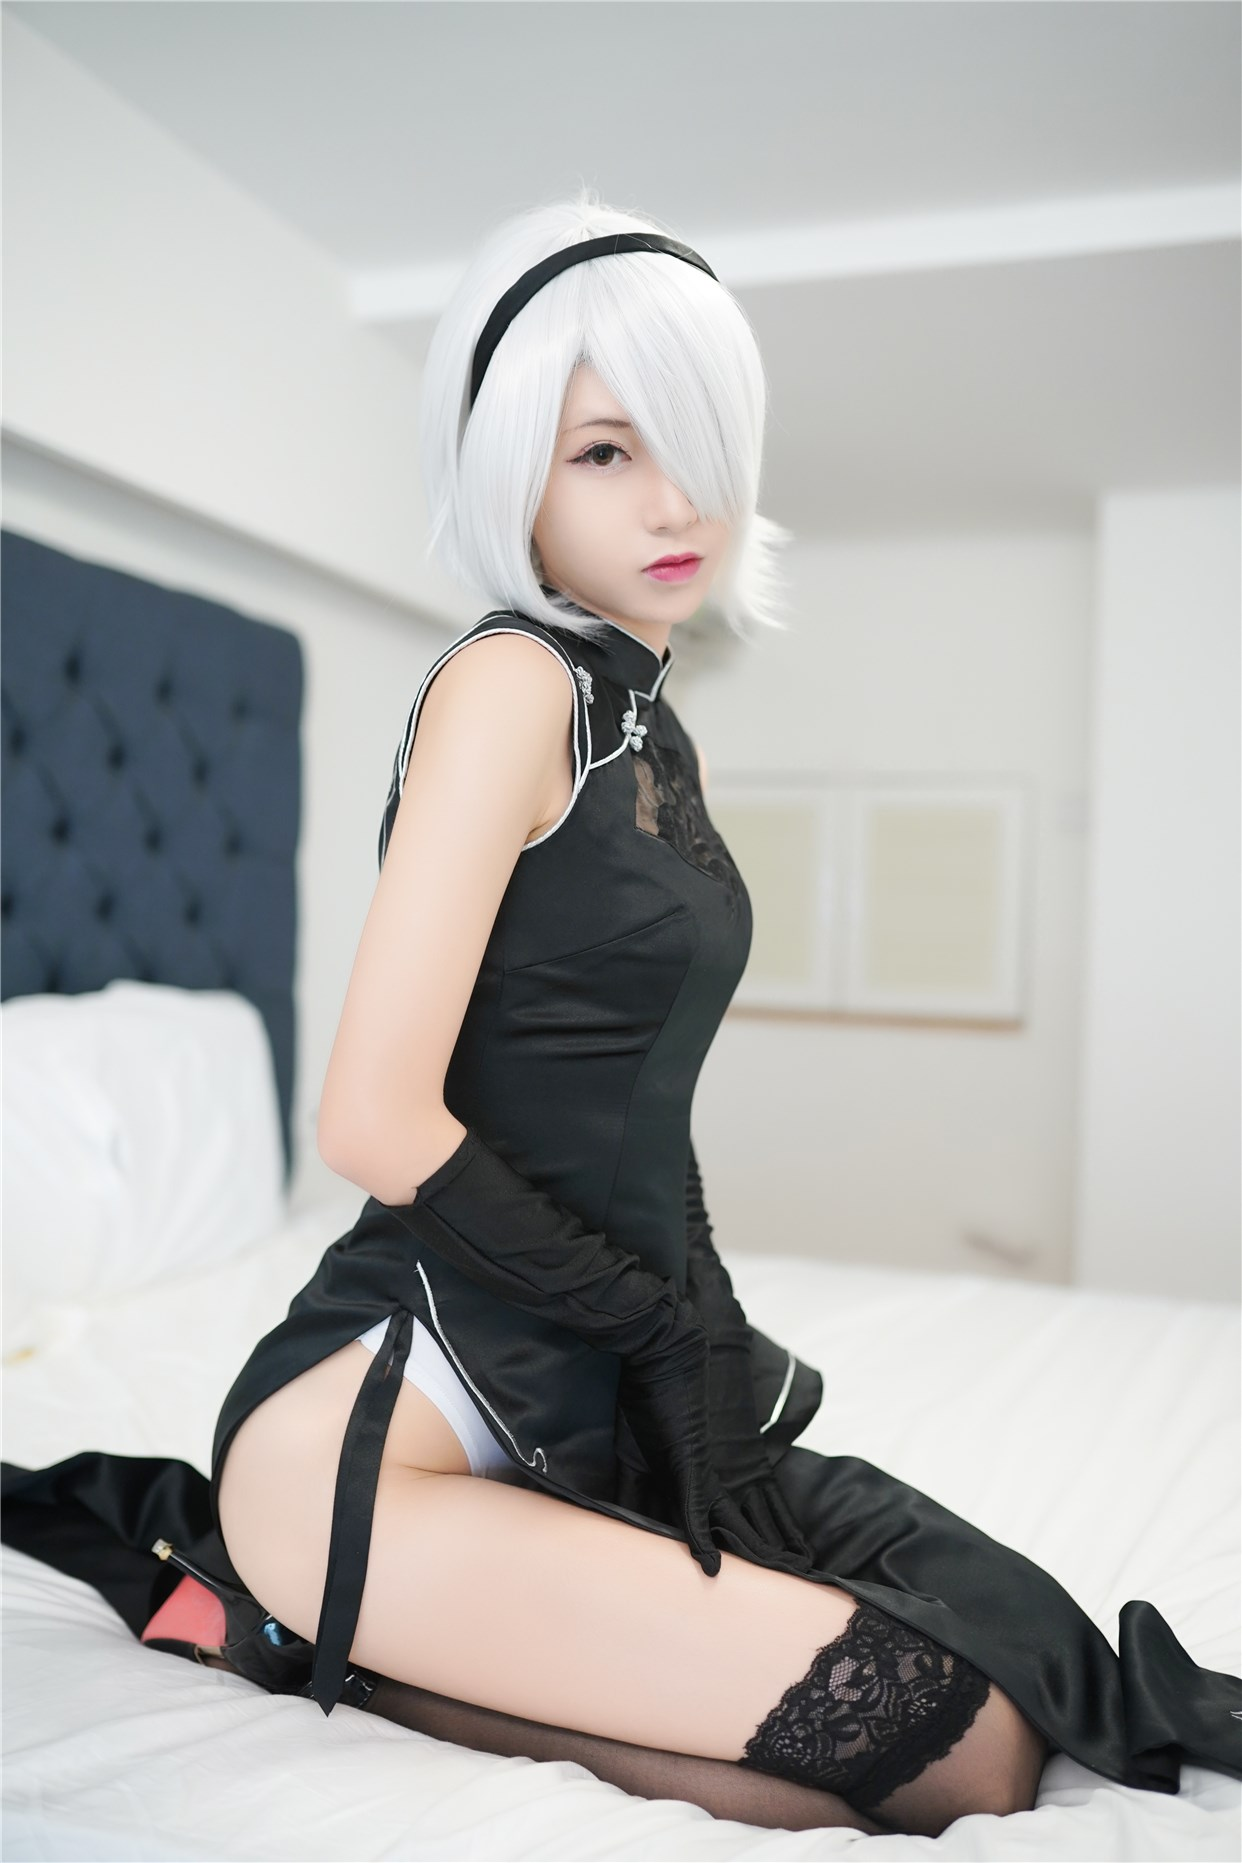 【兔玩映画】旗袍小姐姐好腿! 兔玩映画 第41张